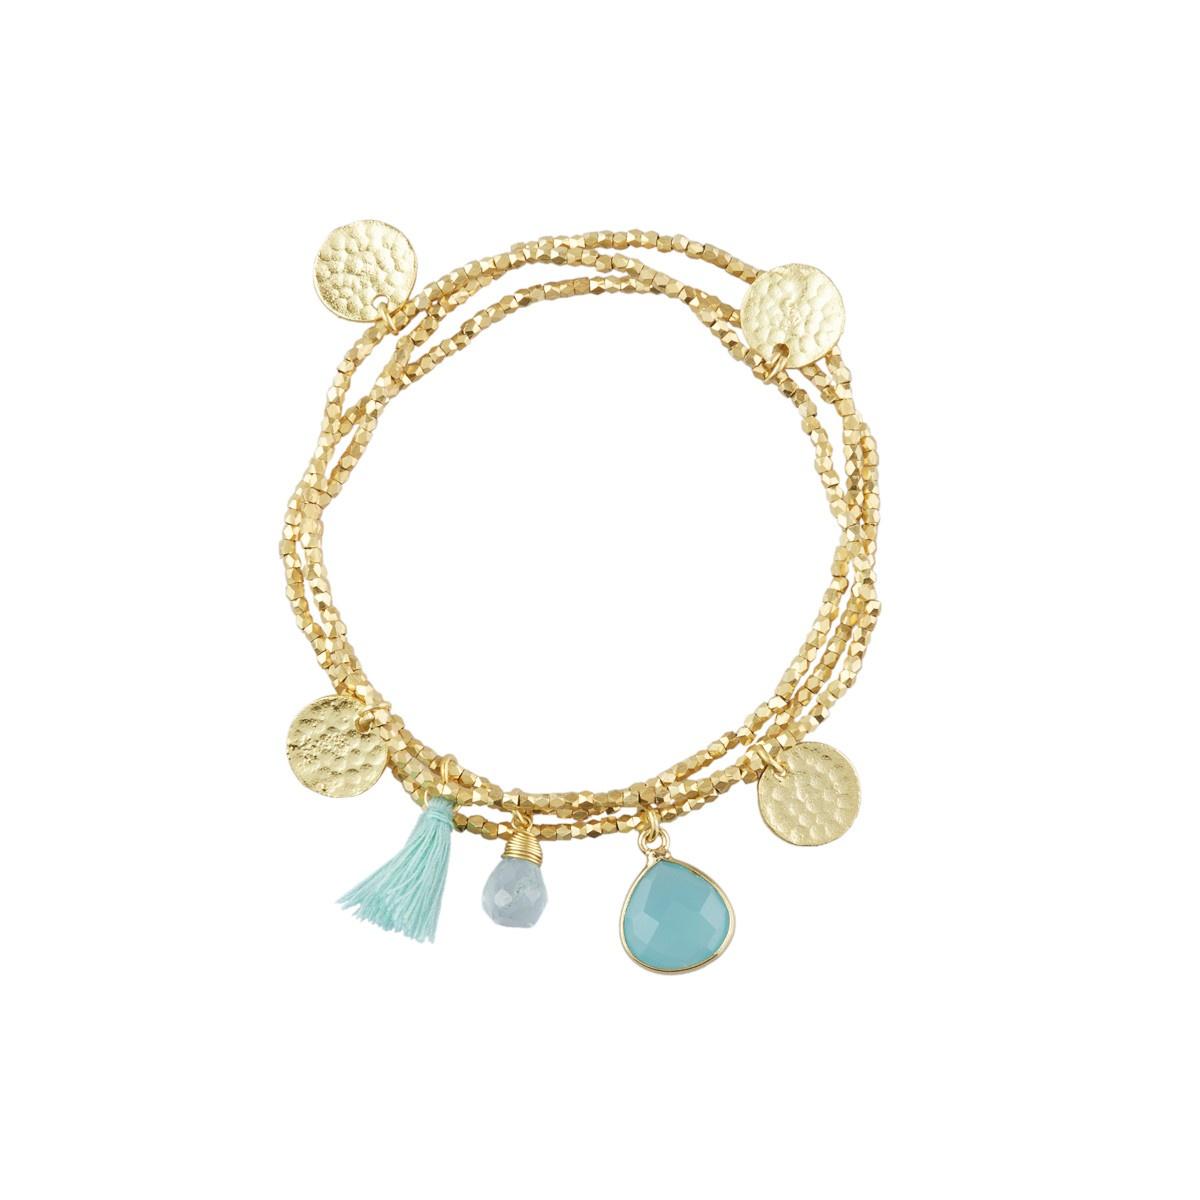 Gemini Charm Bracelet with Aqua Chalcedony Gemstones by Ashiana London